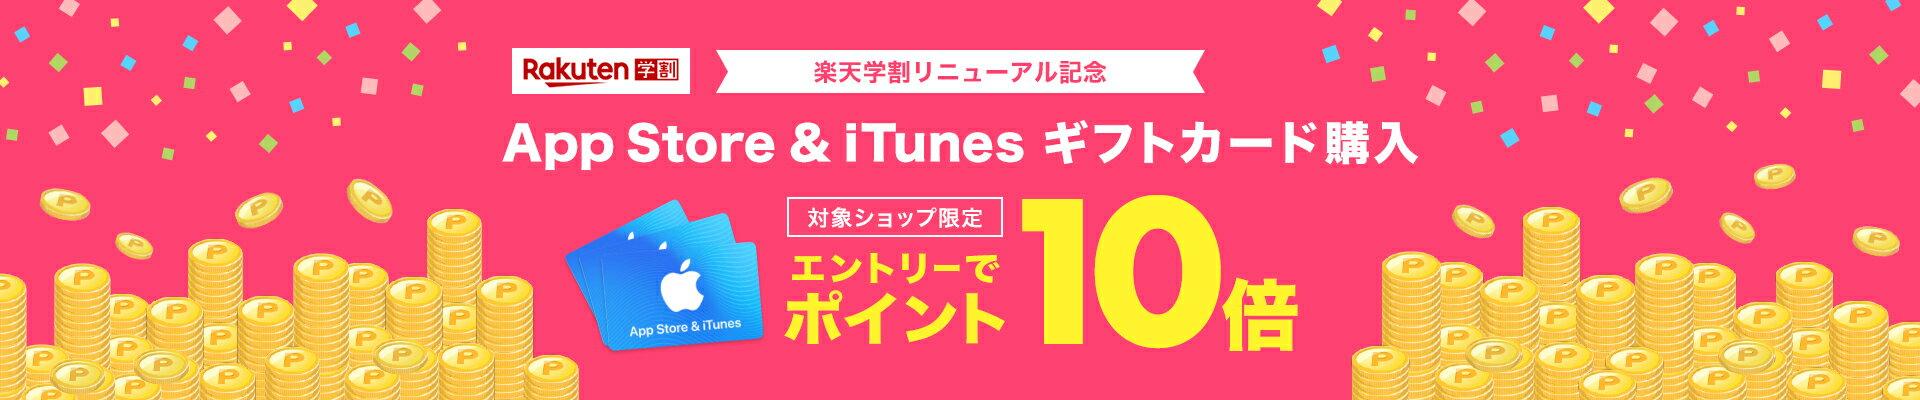 楽天学割リニューアル記念 App Store & iTunes 対象ショップ限定 エントリーでポイント10倍